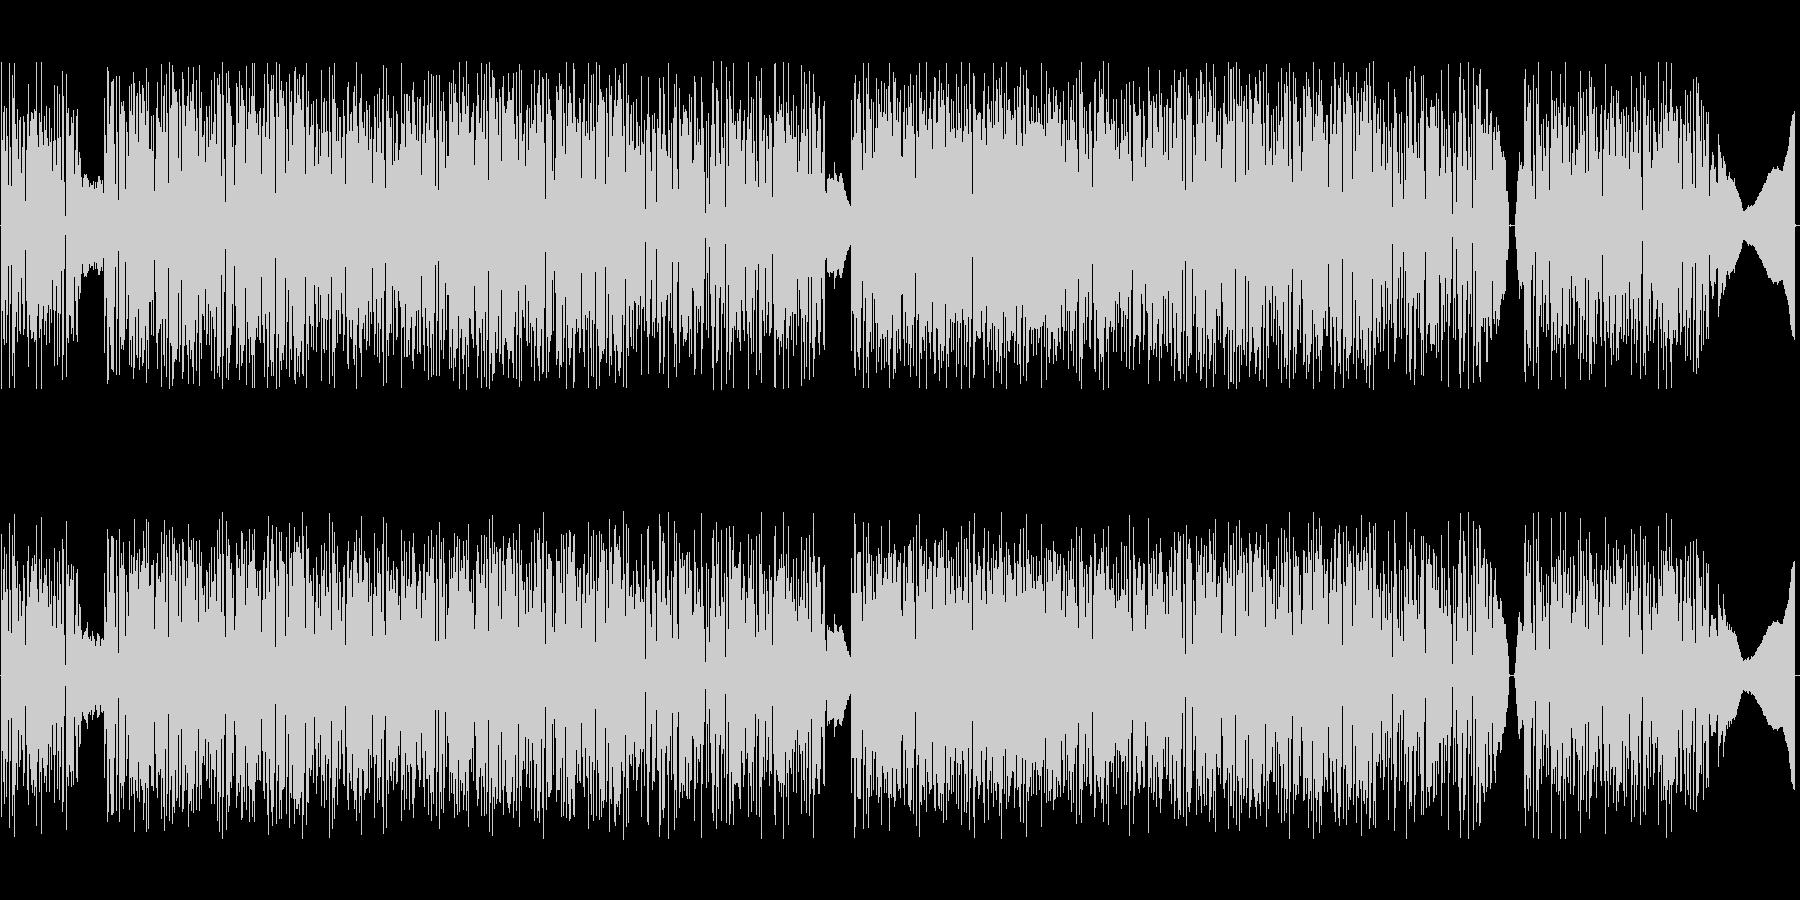 ドラムンベースwithクラシックギターの未再生の波形